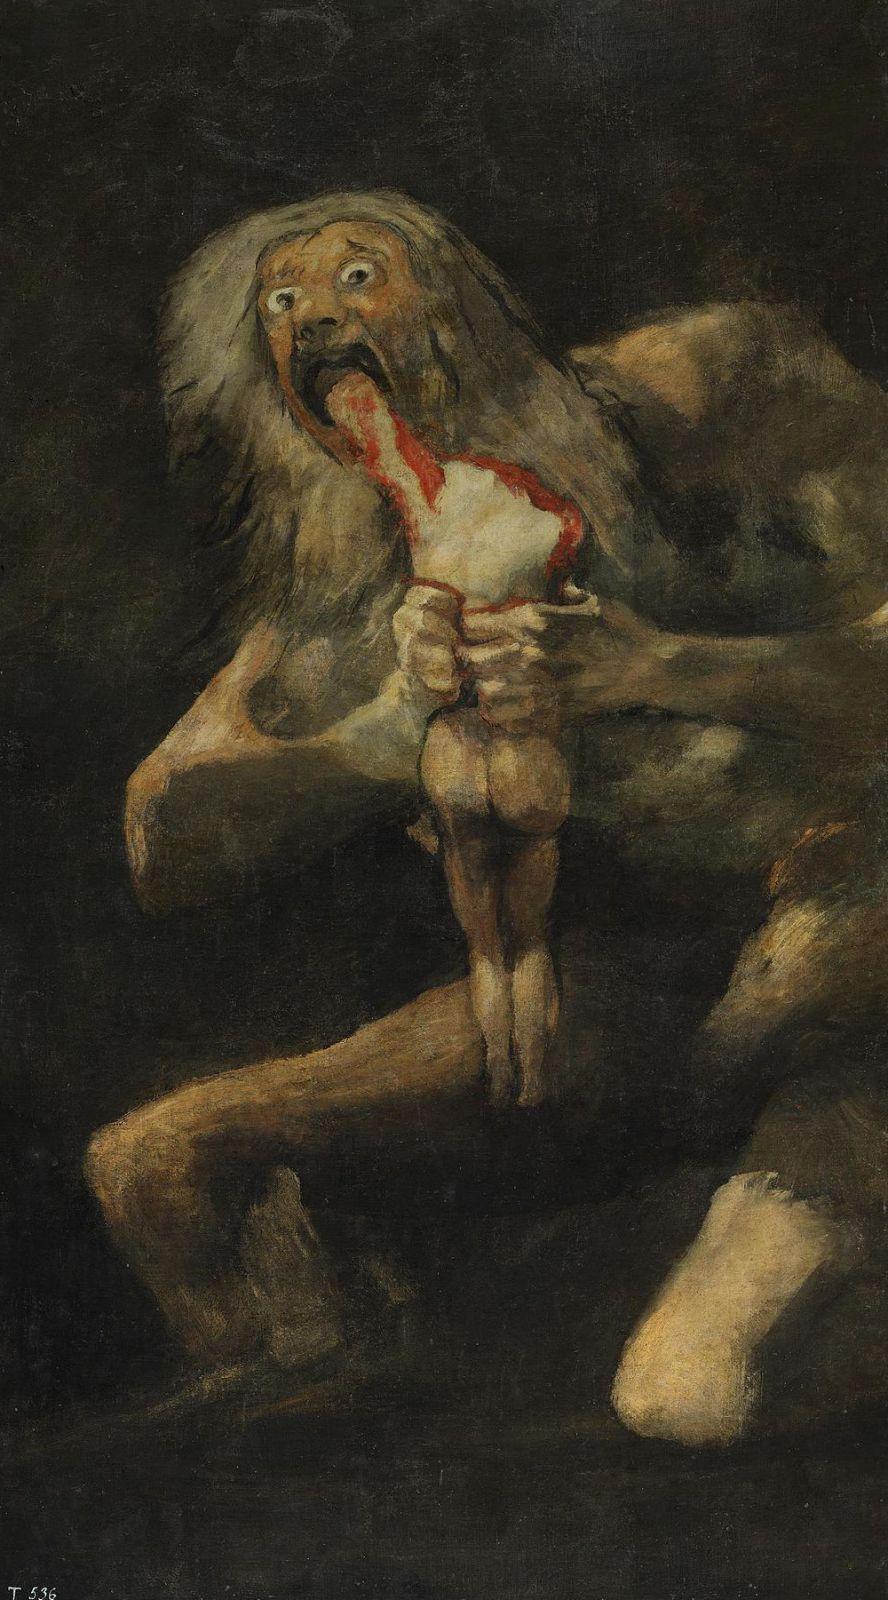 «Сатурн, пожирающий своего сына». Роспись из «Дома Глухого». Изображиние греческого бога Кроноса, который, опасаясь быть свергнутым своим отпрыском, пожирал своих детей. В 1819-1823 гг., Гойя создал серию из 14 фресок на стенах своего дома в Мадриде. Переживший две тяжкие болезни, полностью оглохший Гойя находился в мрачном состоянии духа. Его также не могли не тревожить неудачи Испанской революции. Сначала Гойя создал фрески на более светлую тематику, но потом написал поверх них новые, «Мрачные картины». Они не предназначались для публики и содержали сцены насилия, жестокости и безысходности.